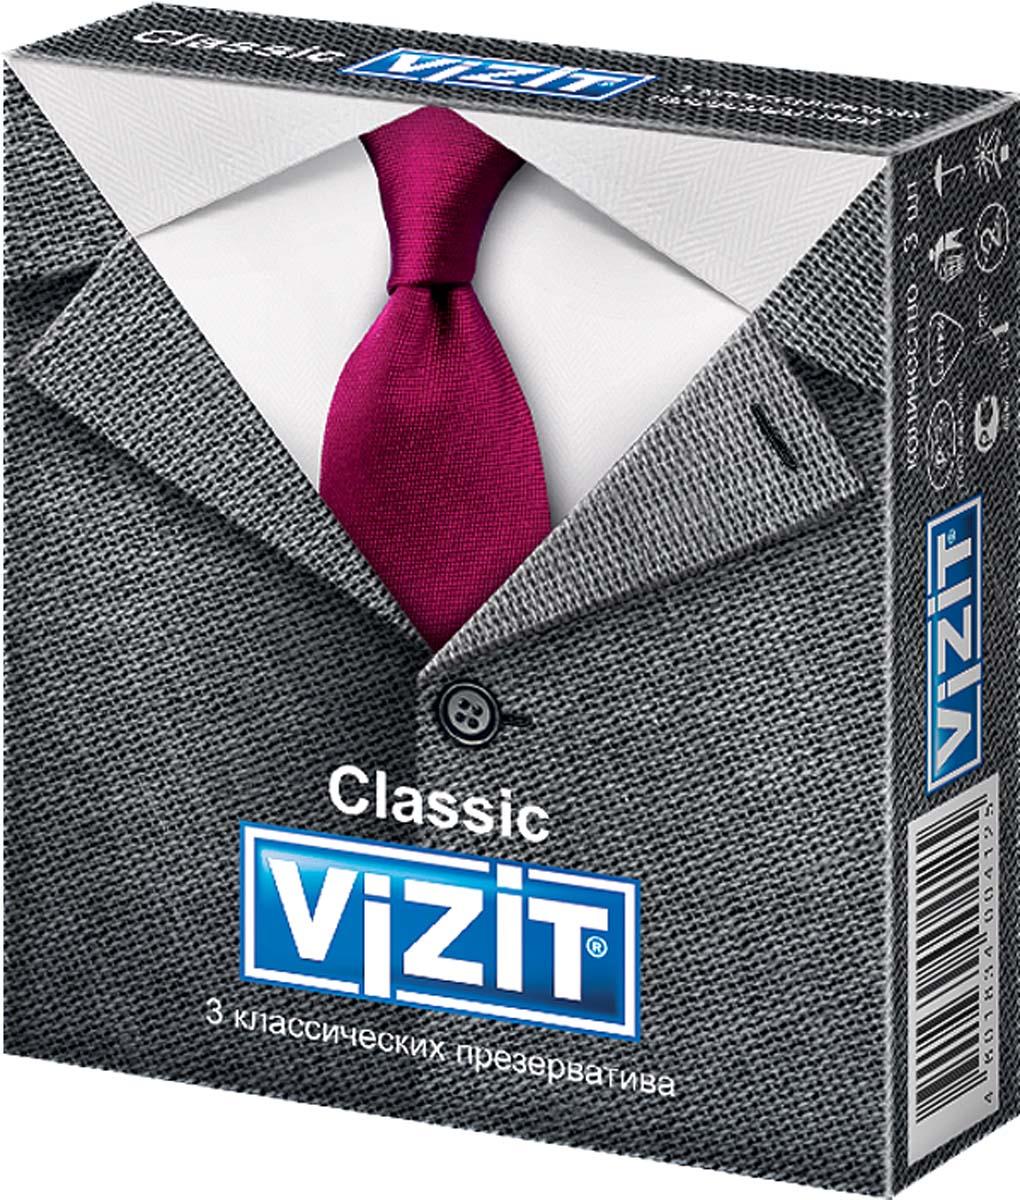 VIZIT Презервативы Classic, классические, 3 шт lelo туф 2 фиолетовый о